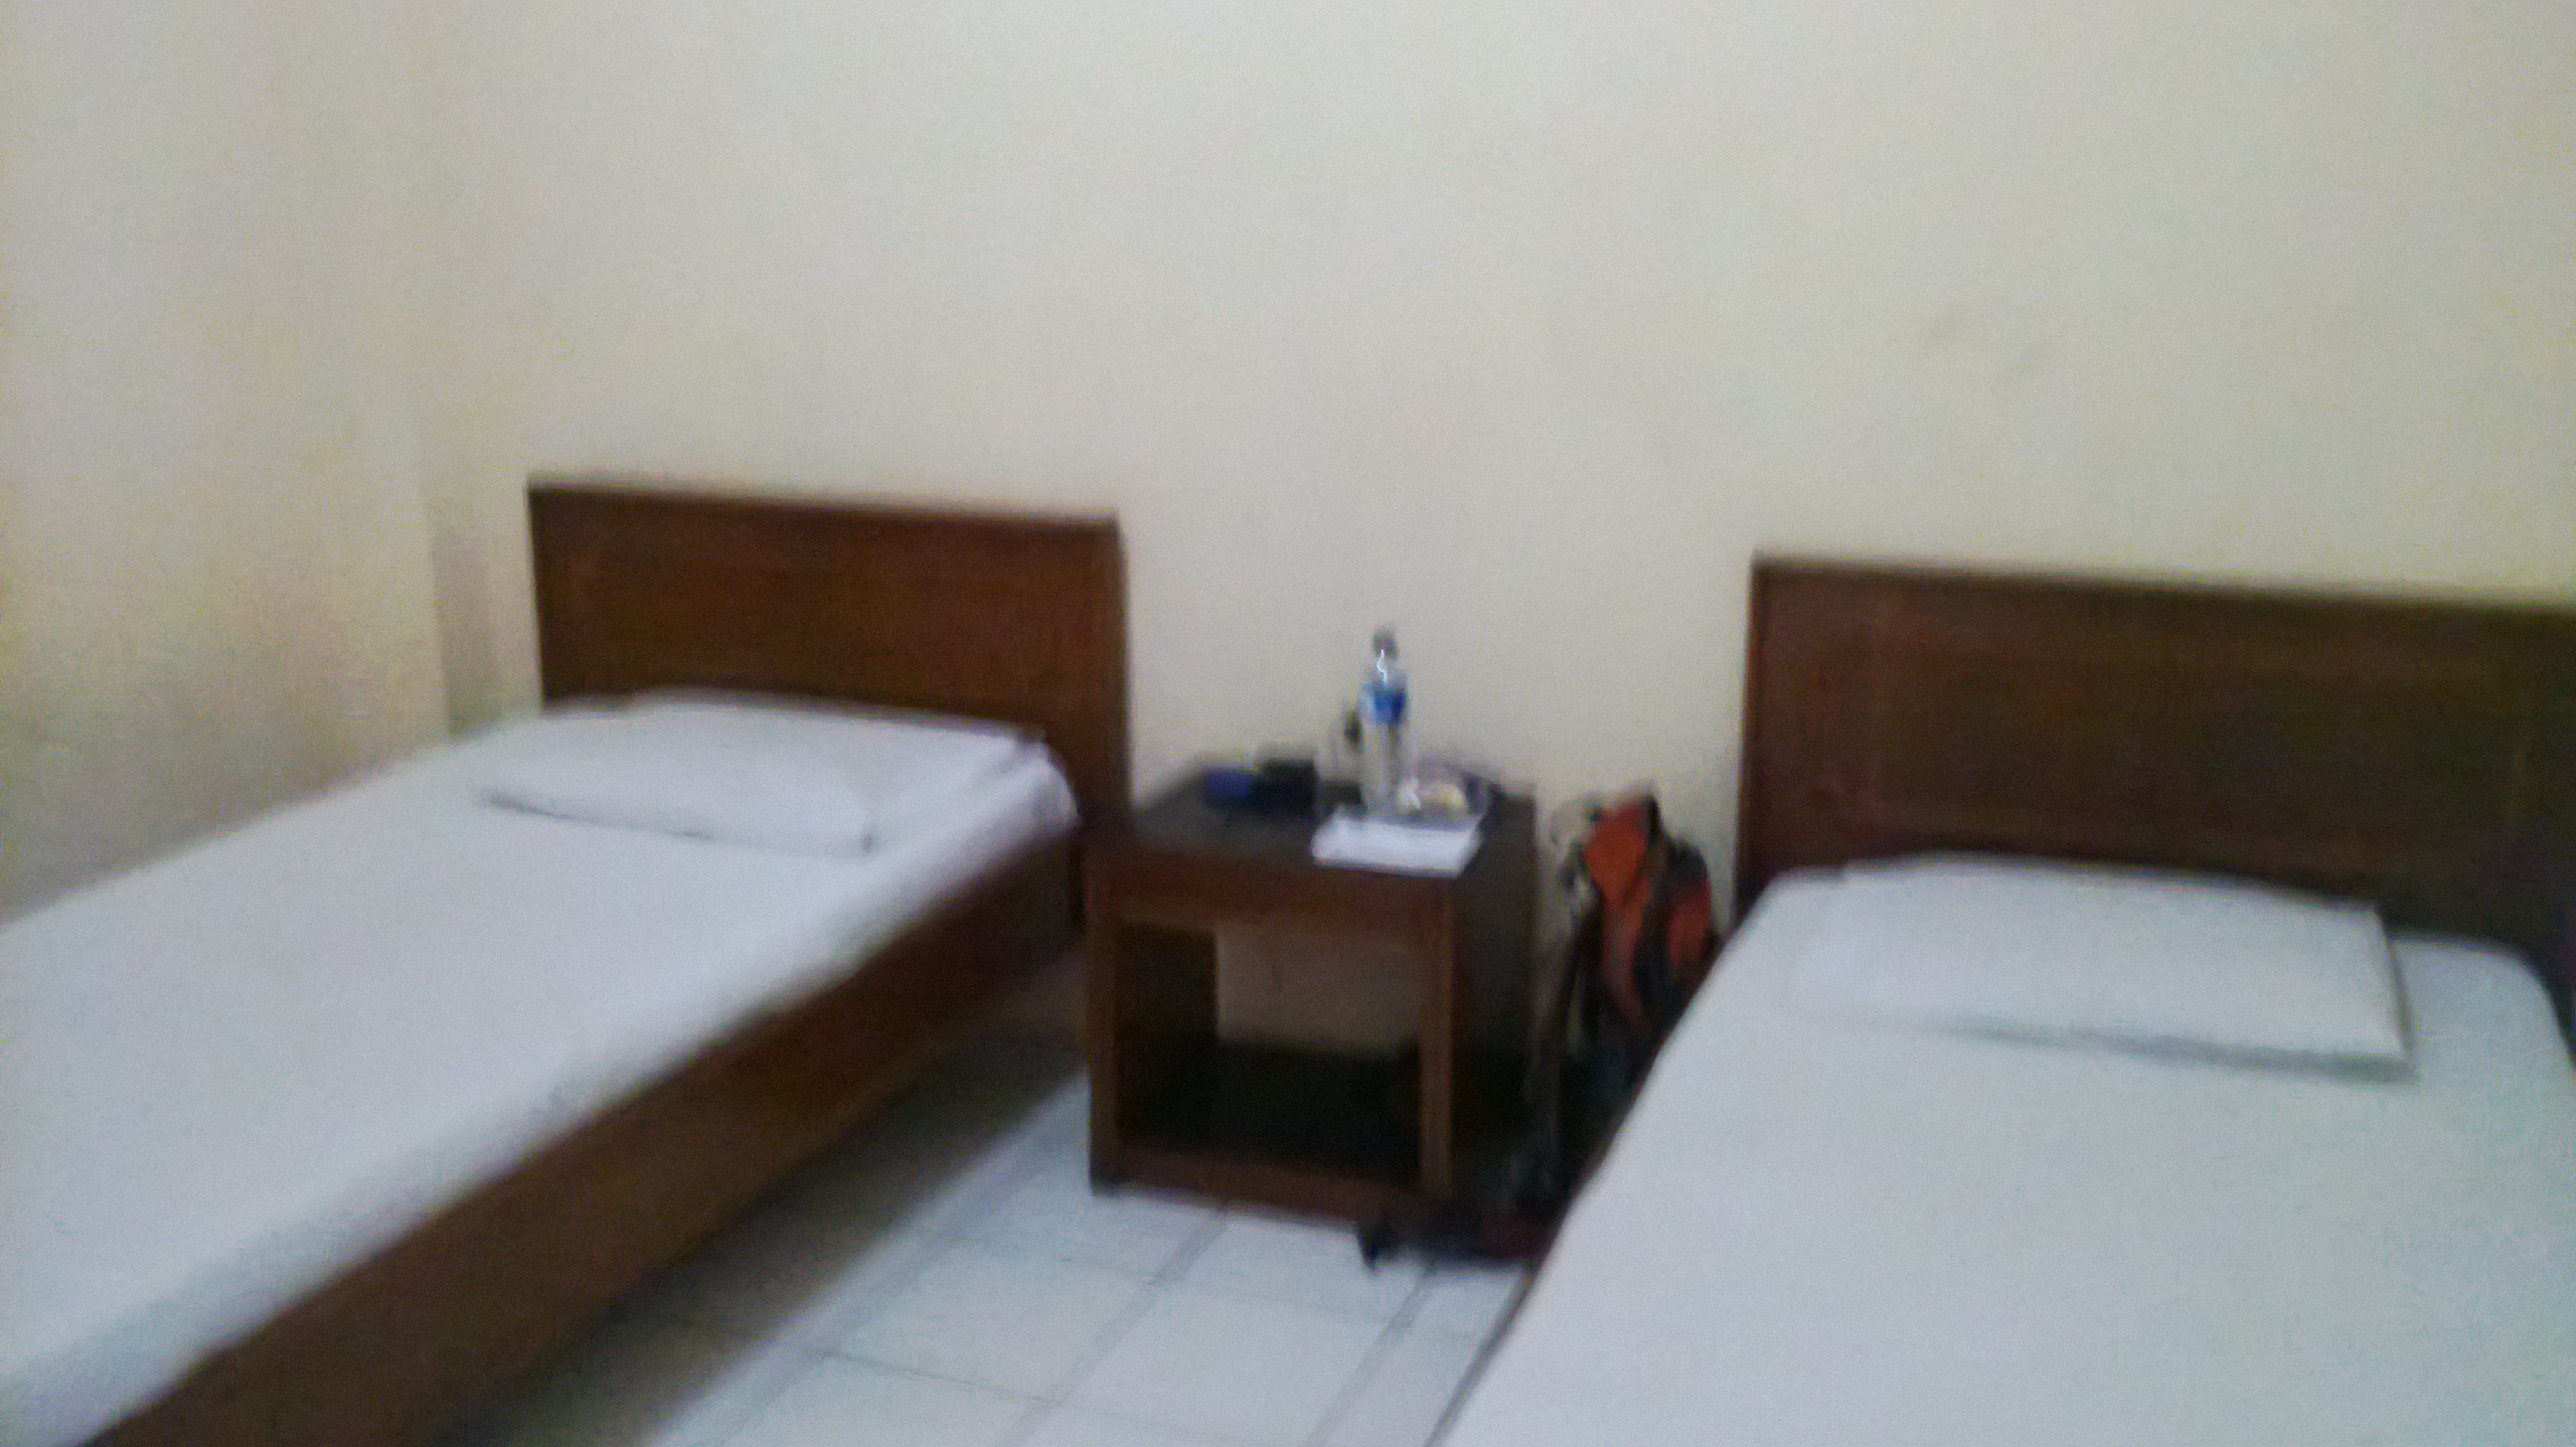 Suasana Dalam Kamar Hotel Simple Dan Bersih